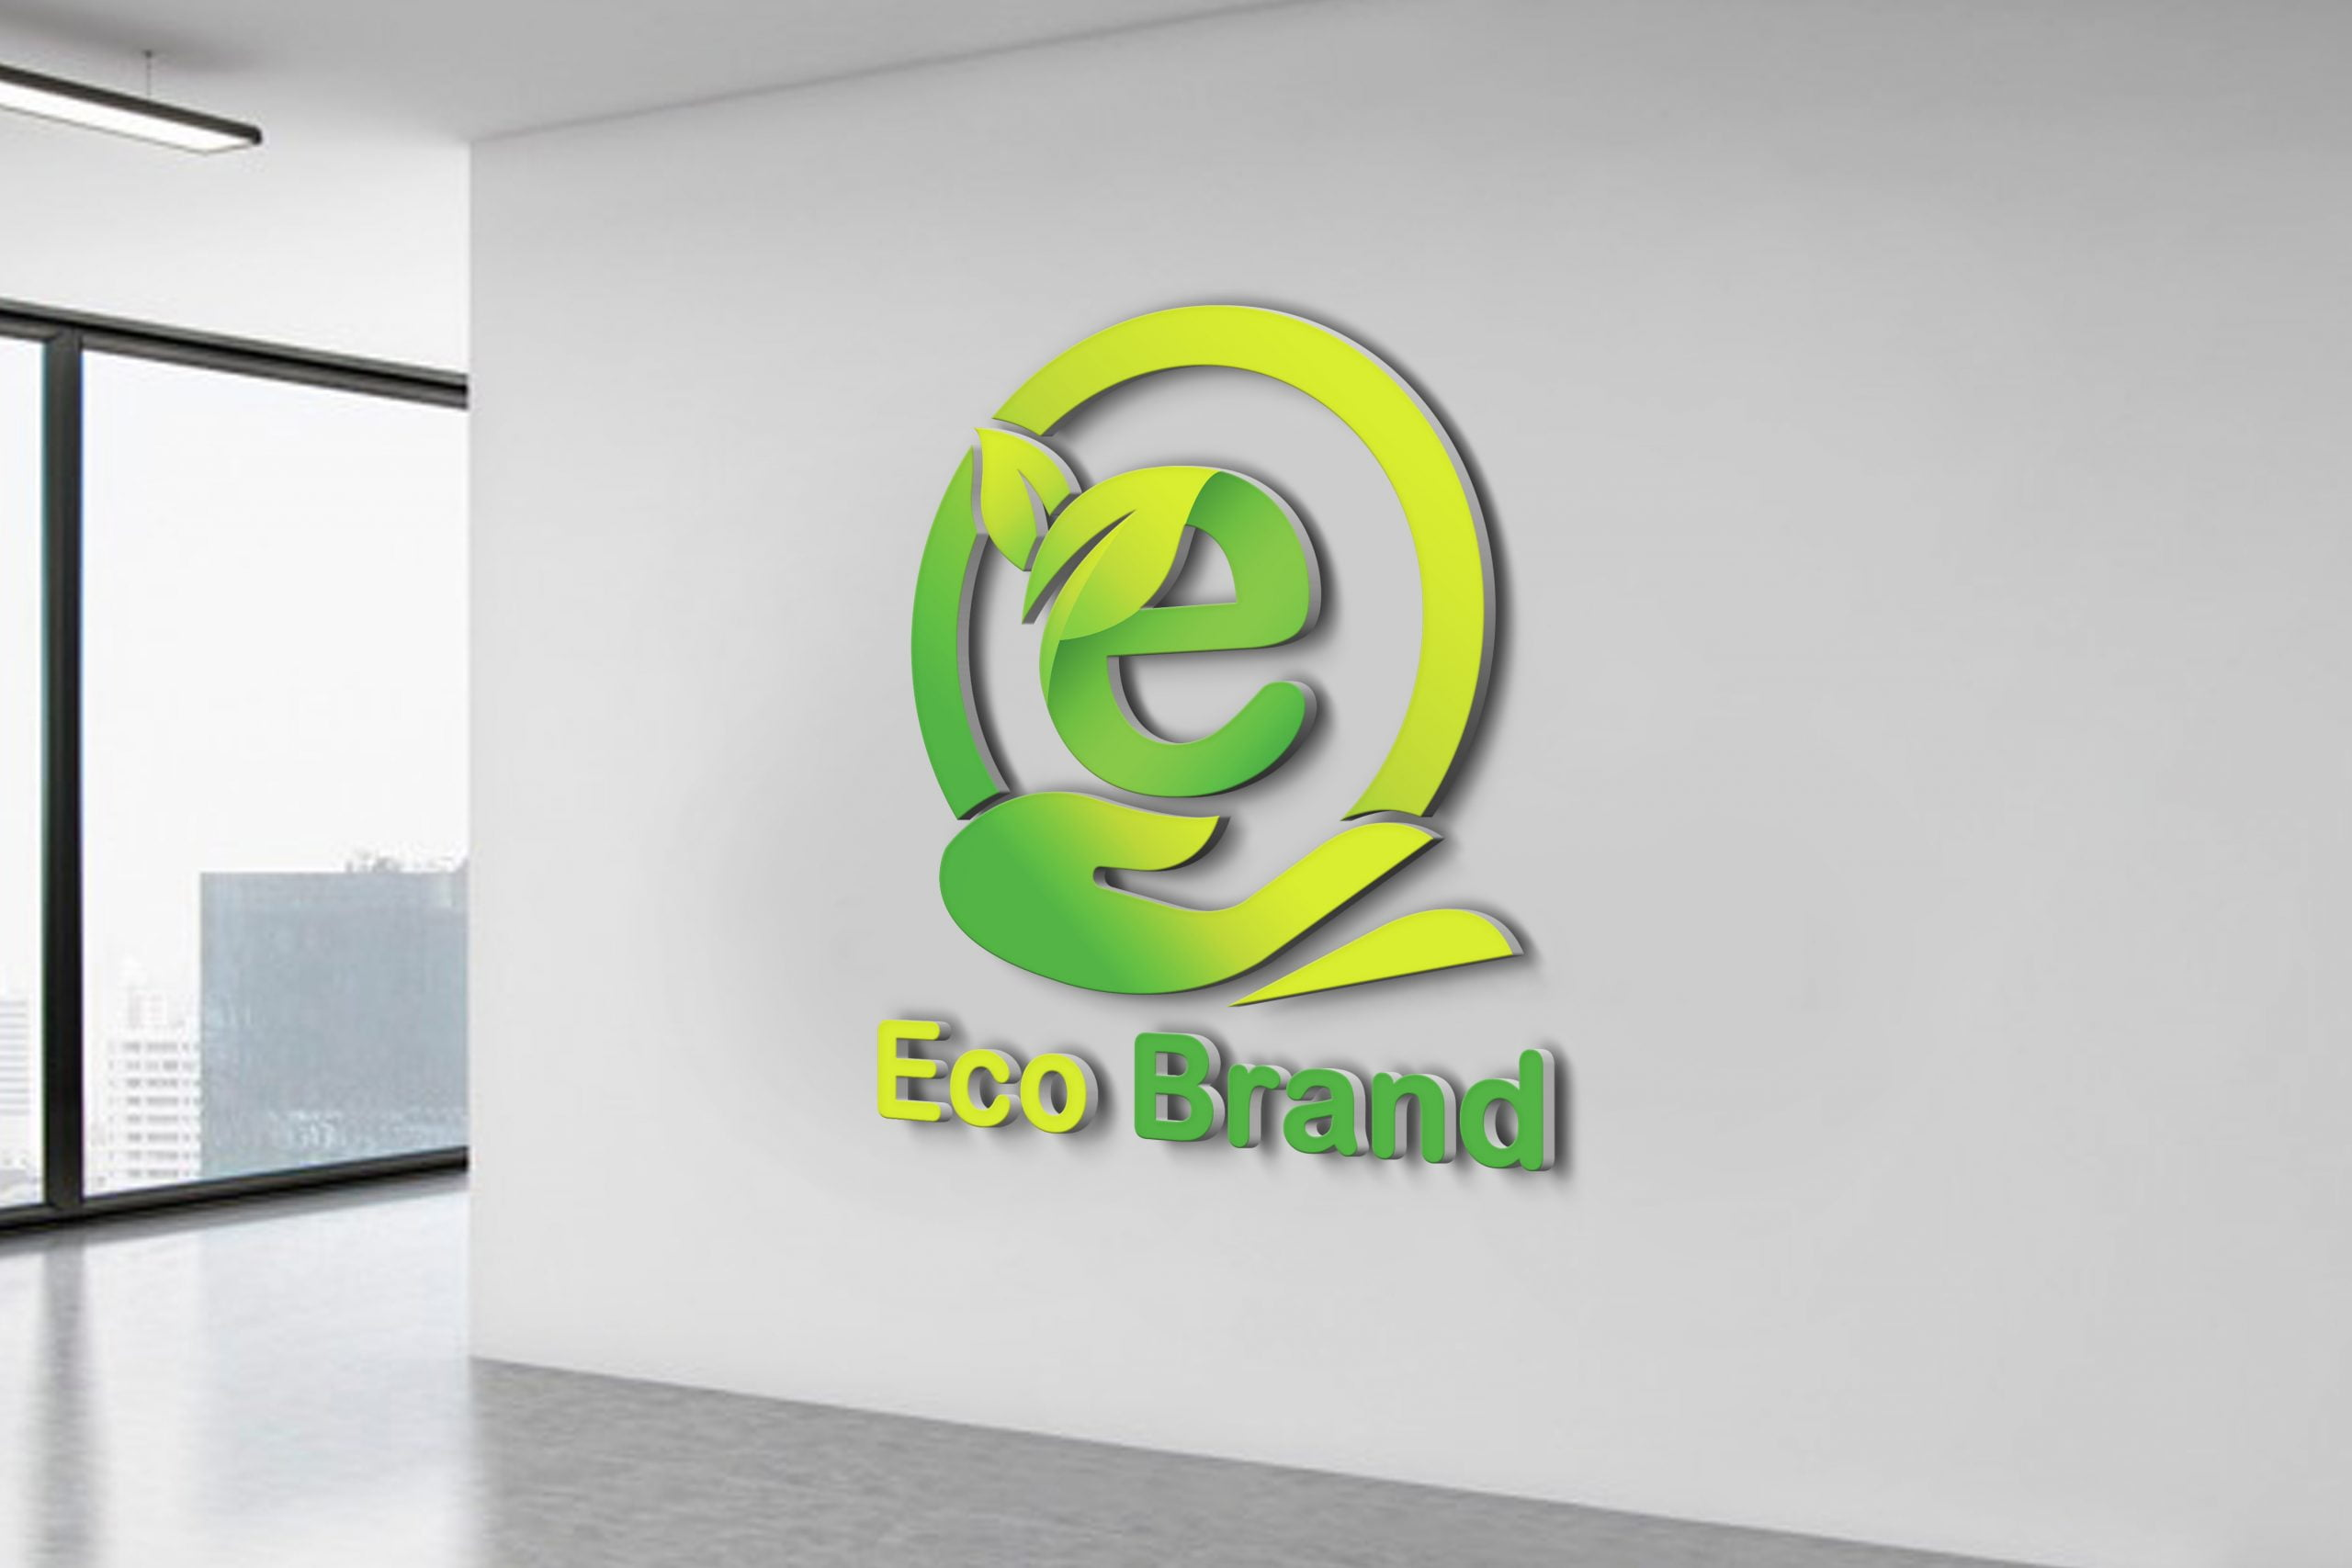 Free Eco Brand Logo Design